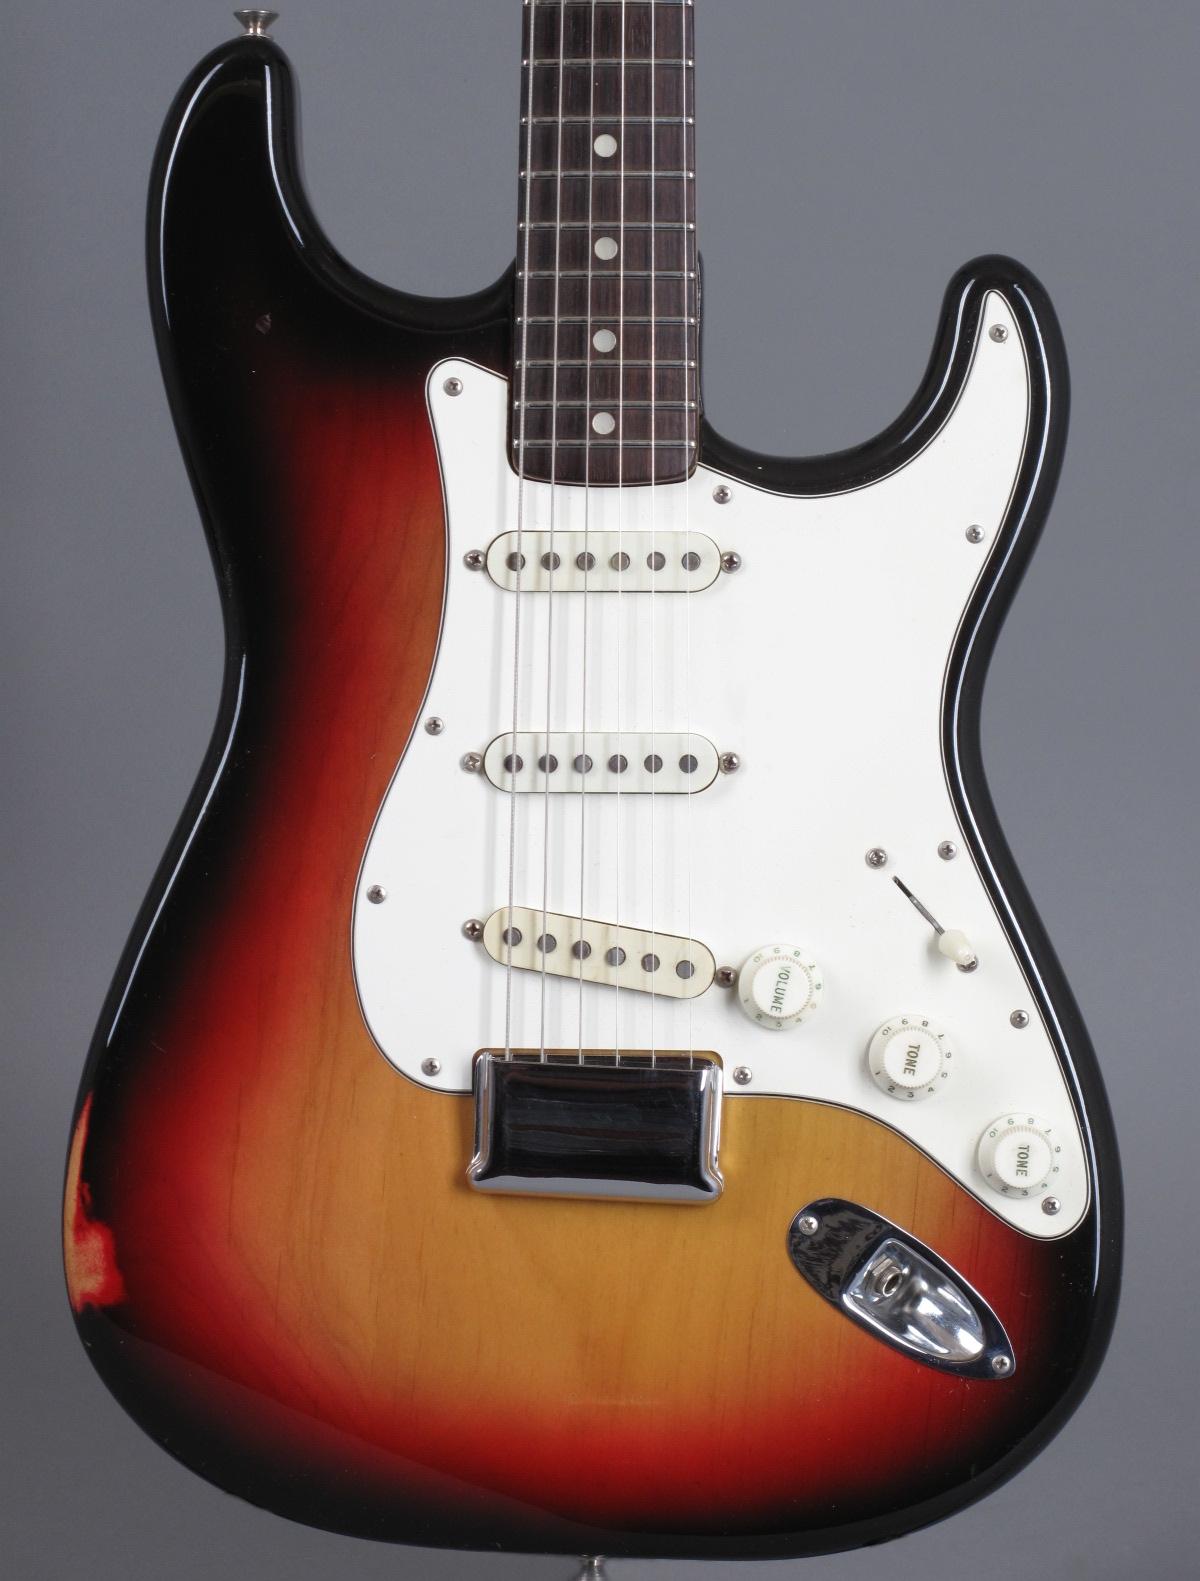 1974 Fender Stratocaster - 3-tone Sunburst  ...only 3,34Kg!